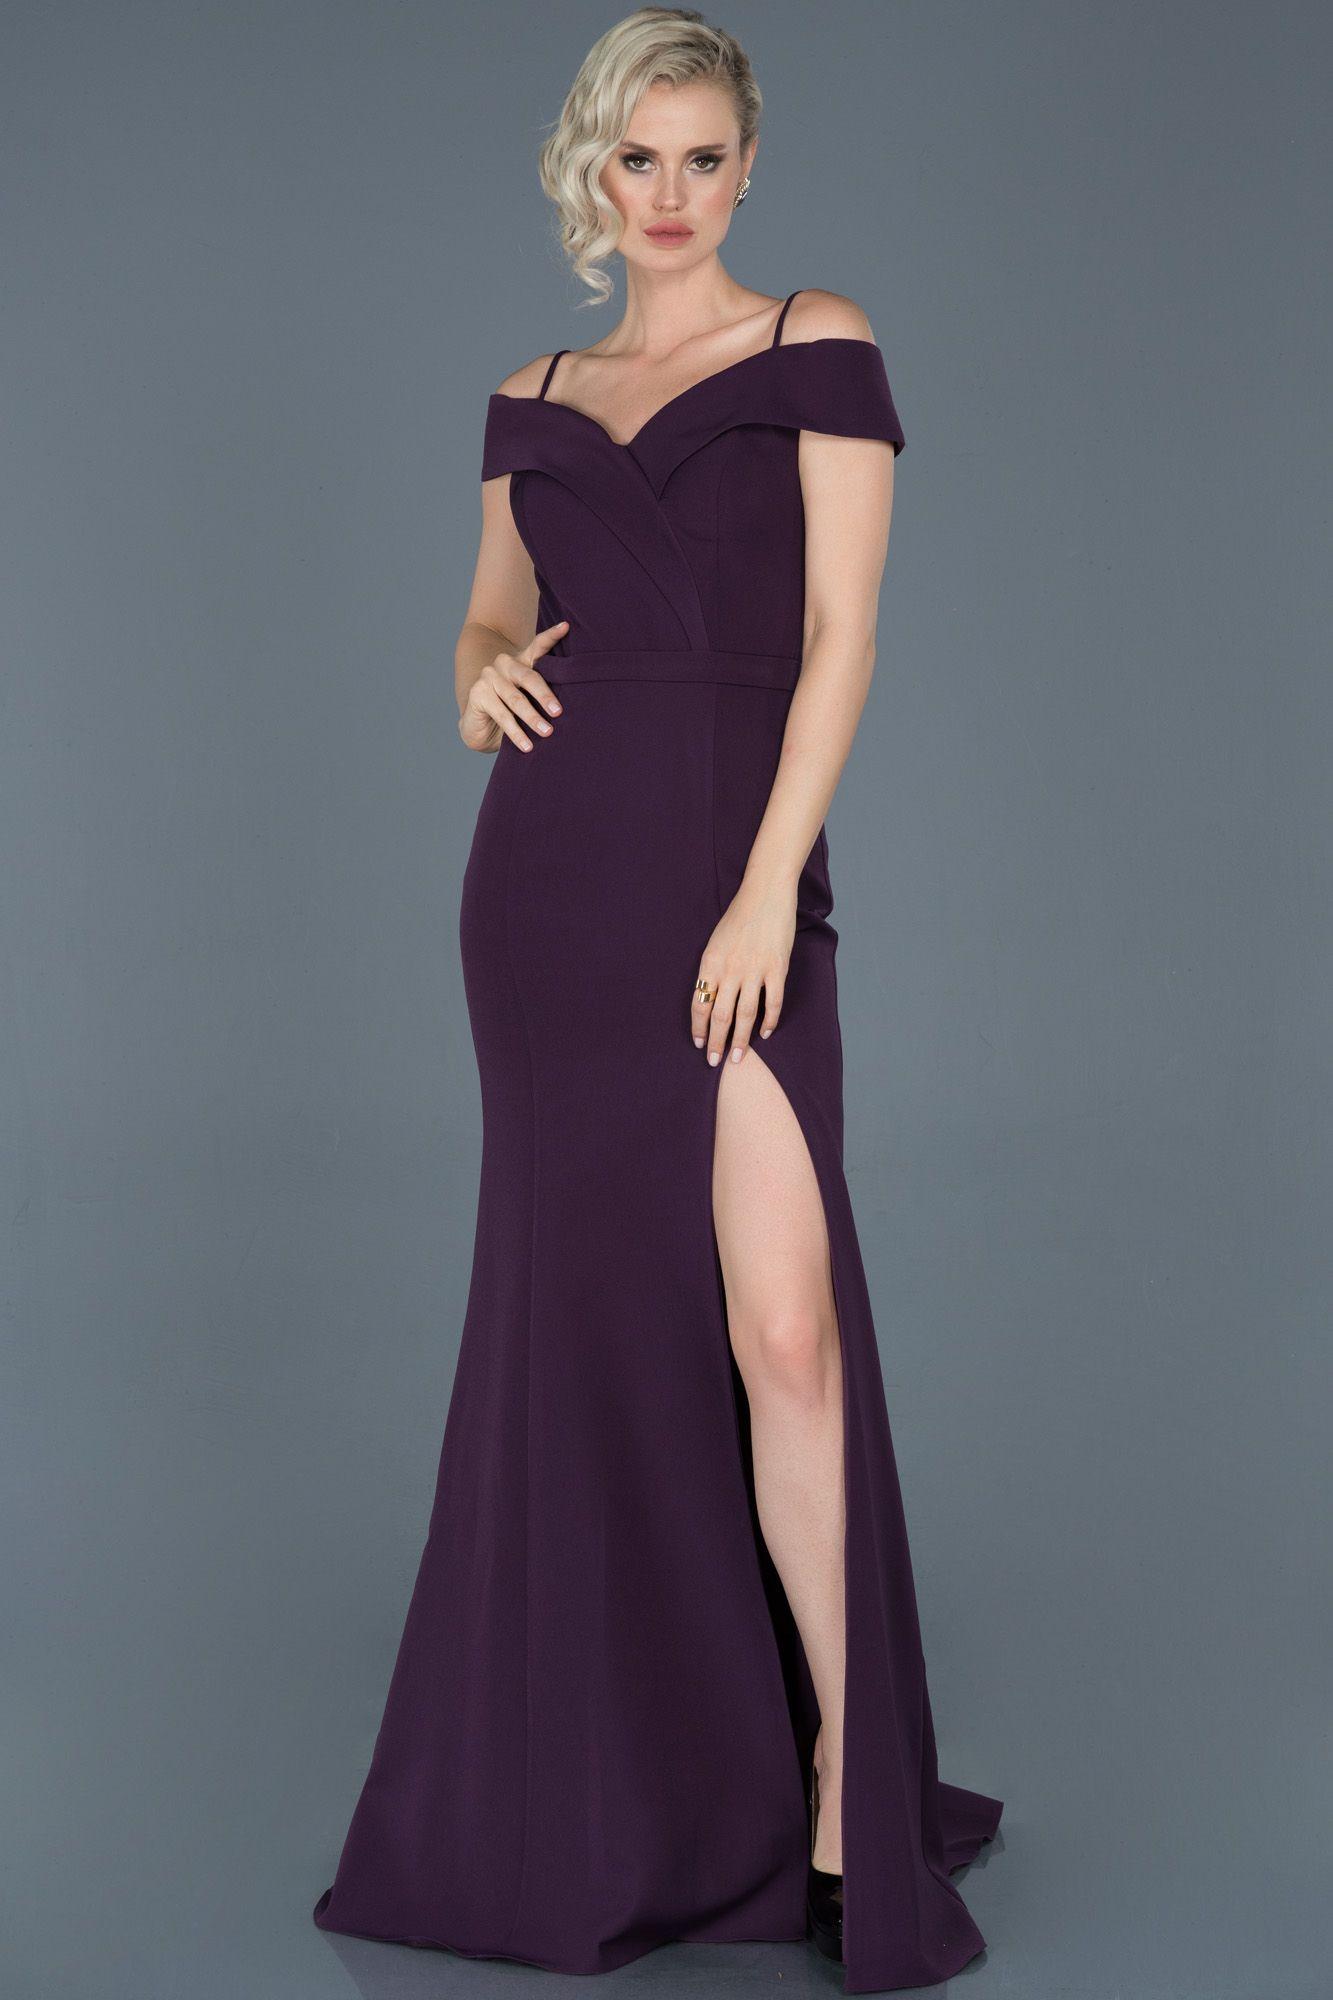 Koyu Mor Uzun Kayik Yaka Yirtmacli Balik Abiye Abu742 2020 Elbise Elbise Modelleri The Dress